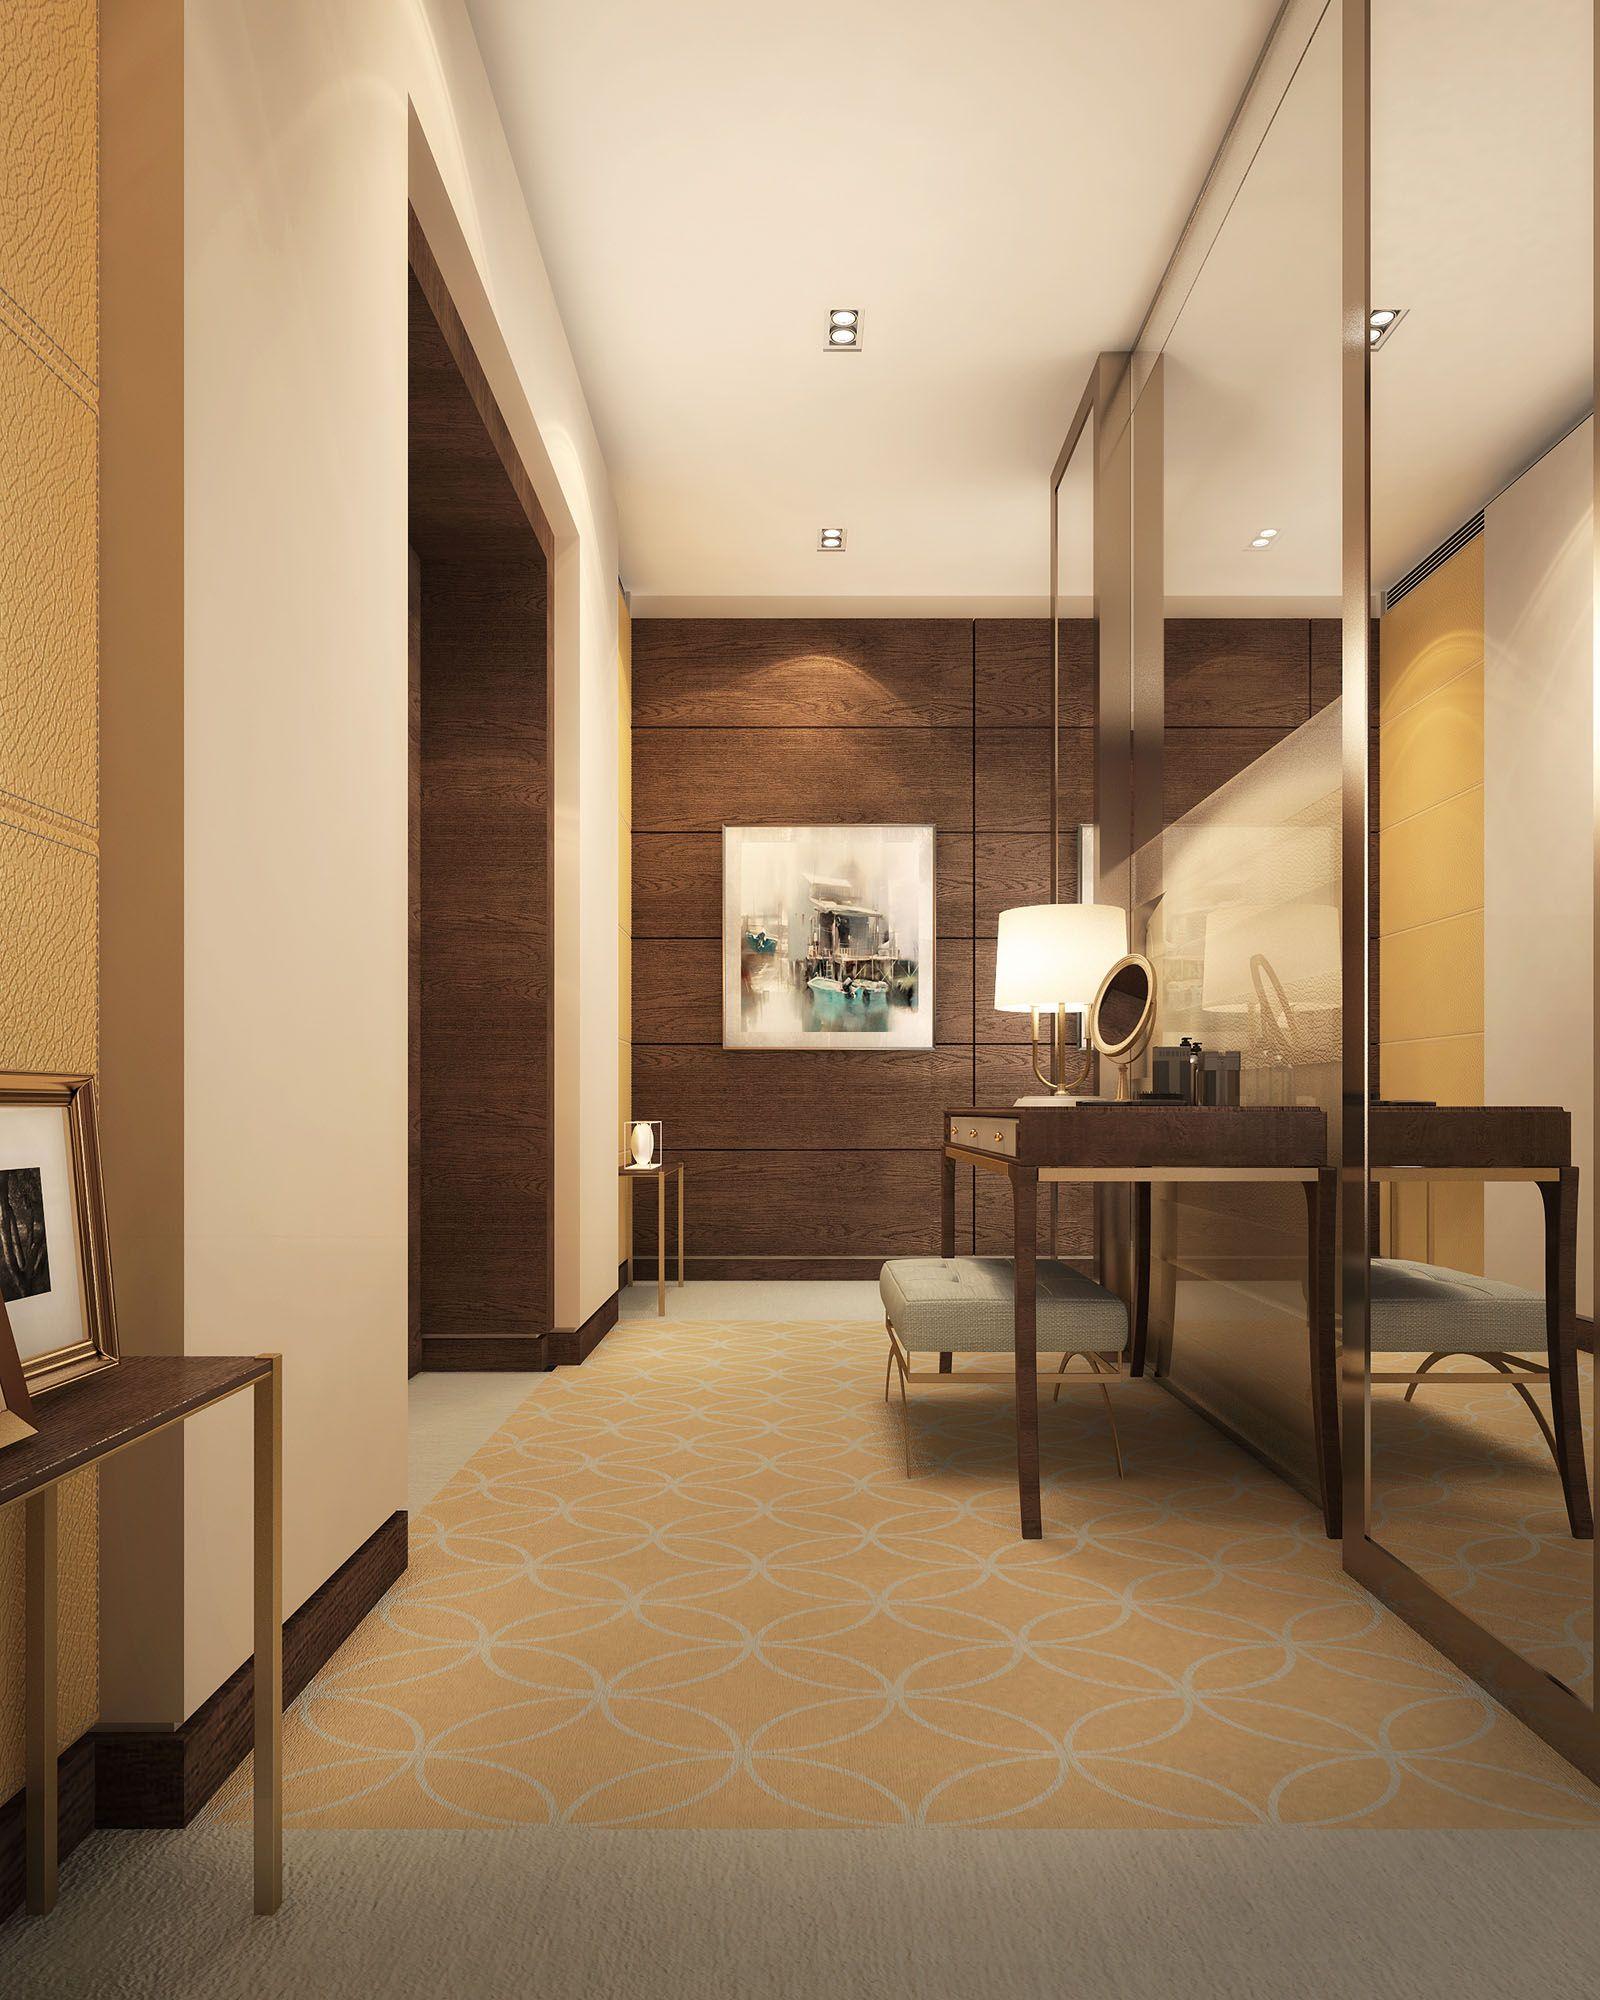 Luxury Foyer Interior Design: MODERN LUXURY WALK-IN CLOSET, HALL